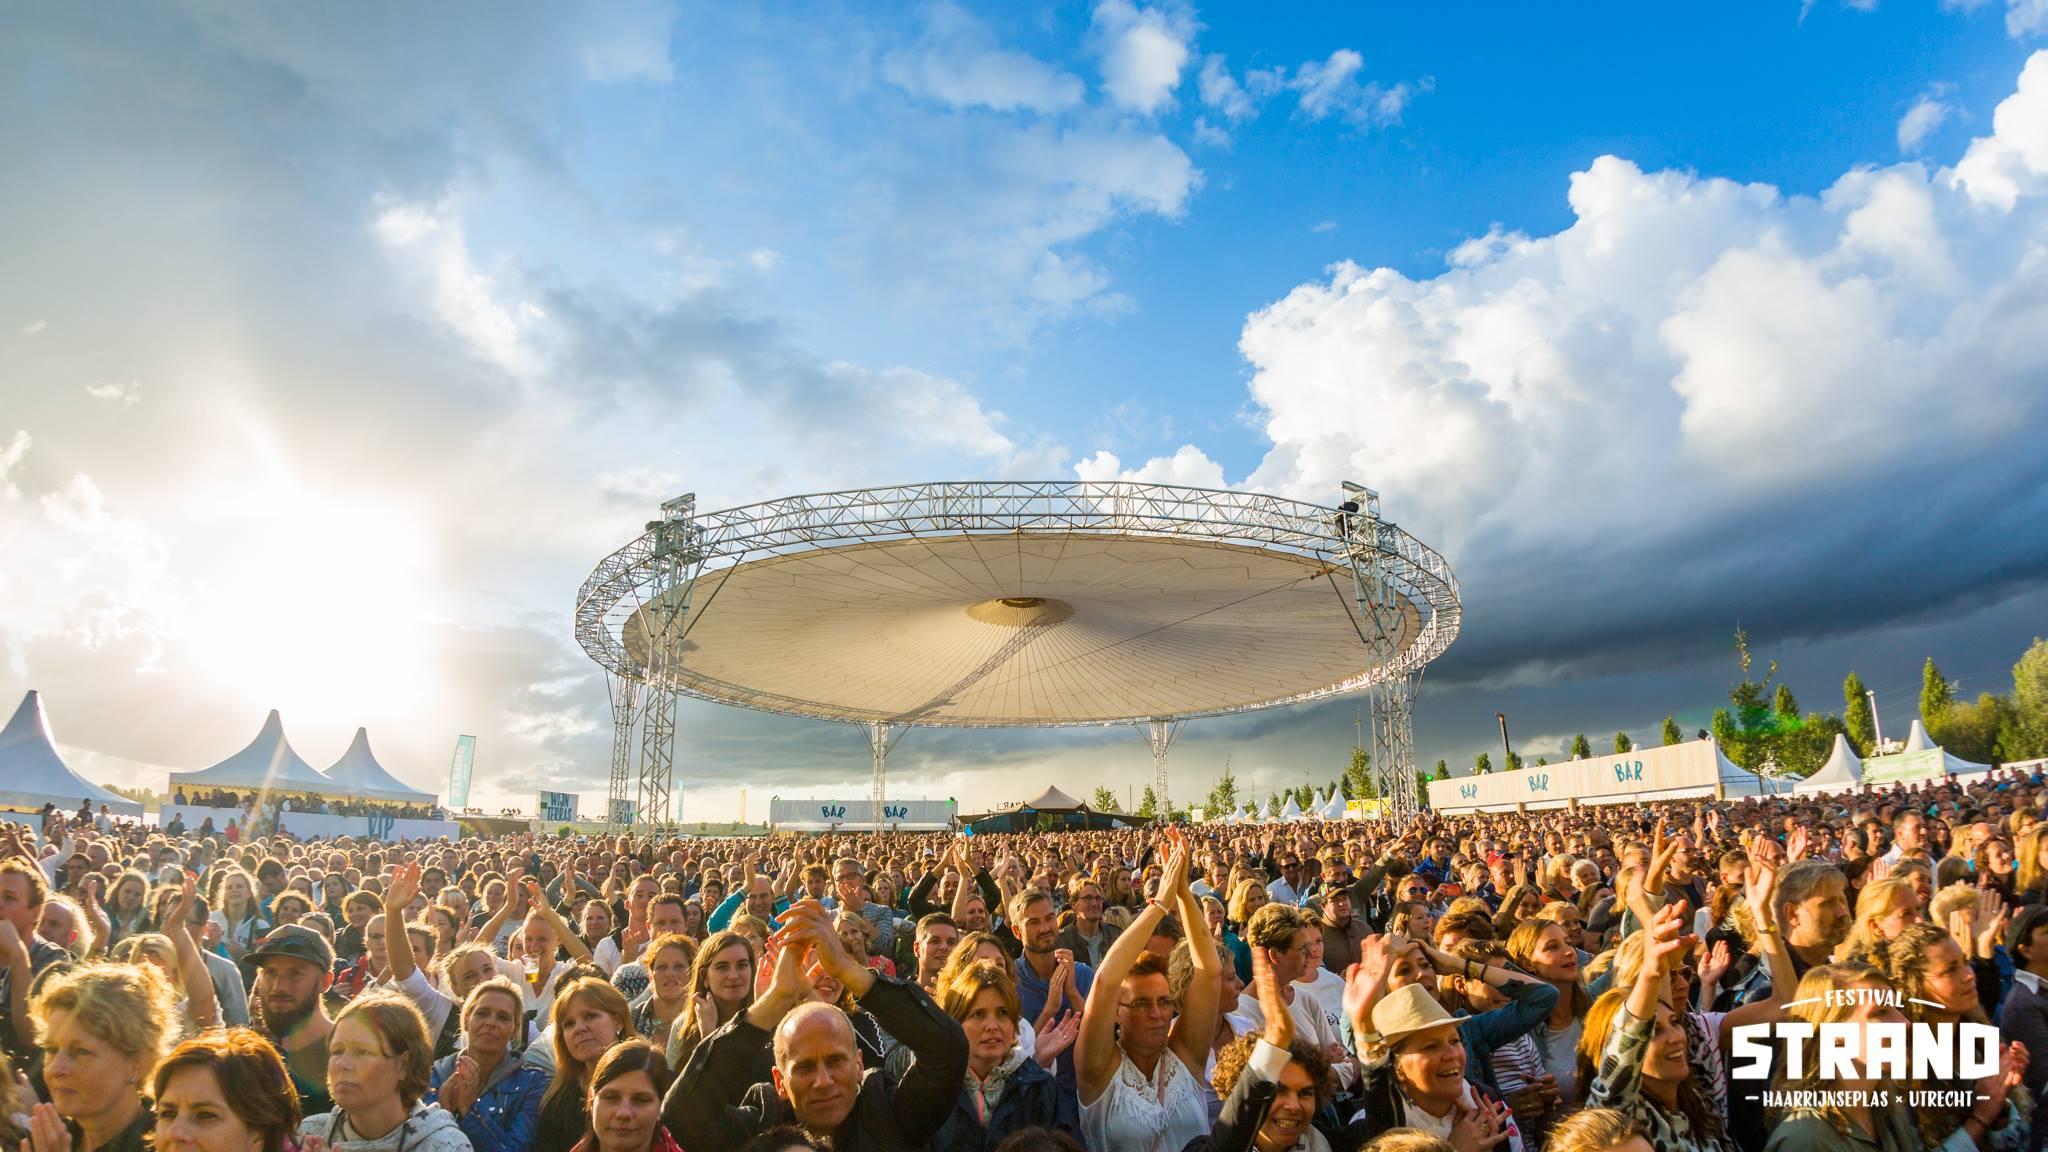 Veiligheid op evenementen in de praktijk (casus Festival Strand)